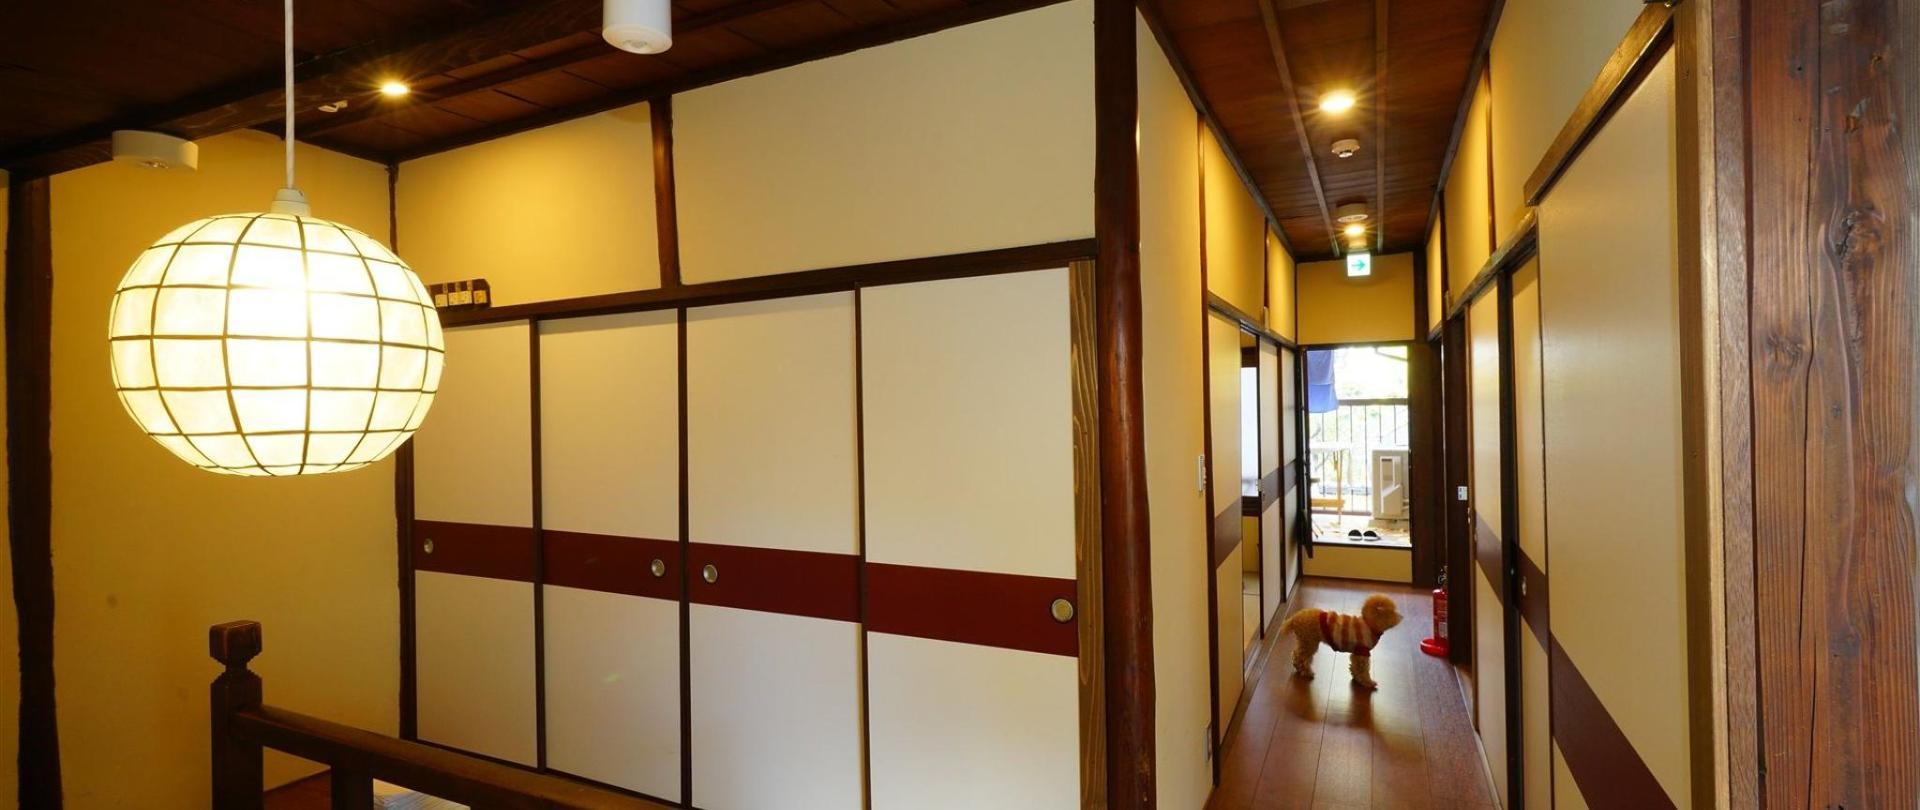 京都招待所灯笼在祗园